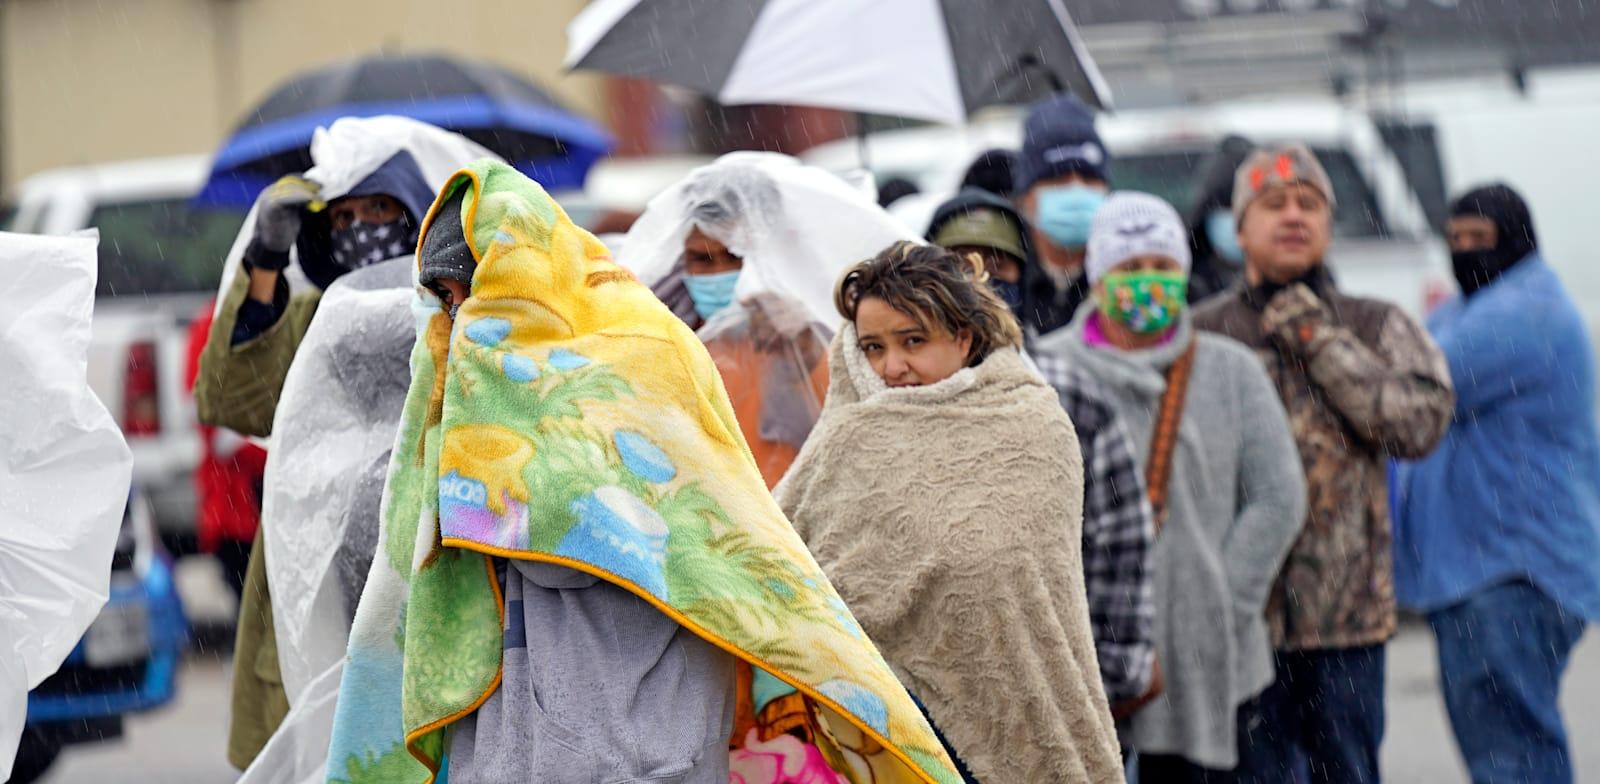 תור למילוי מכלי גז פרופאן בשבוע שעבר ביוסטון, טקסס. המתינוו בגשם מקפיא / צילום: Associated Press, David J. Phillip